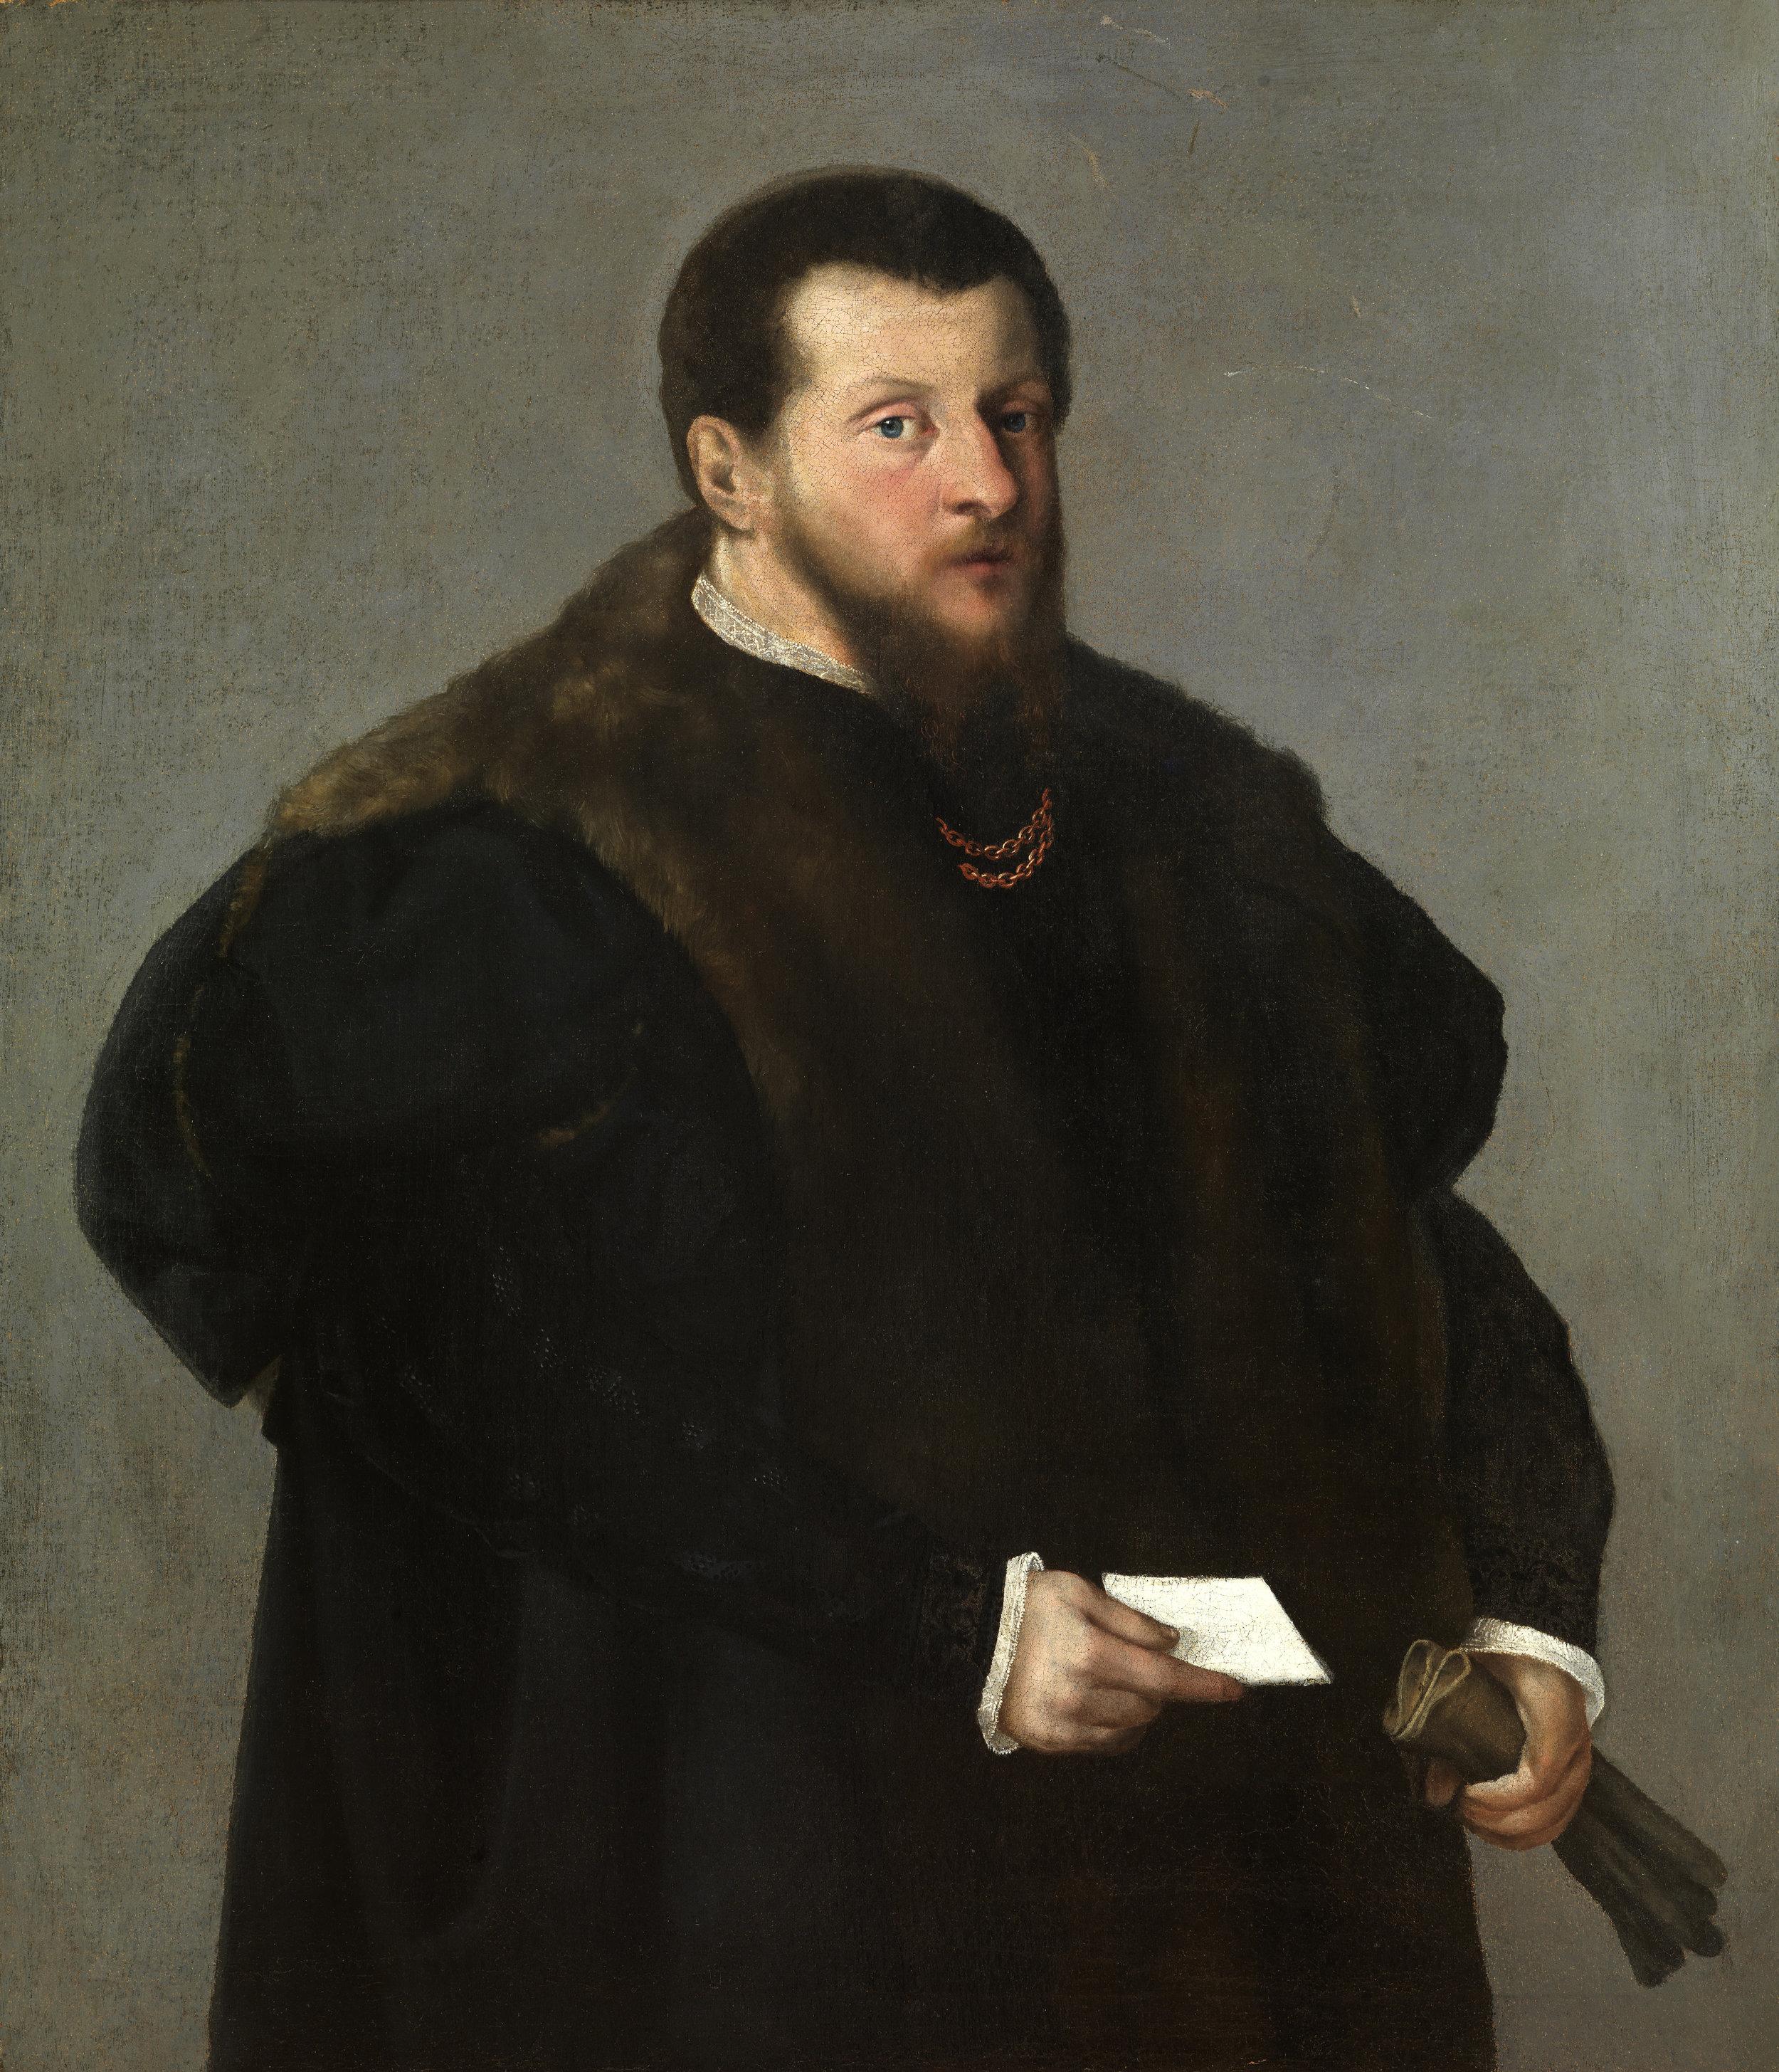 PARIS BORDONE   (Treviso 1500 – 1571 Venice)   Portrait of a Man   Oil on canvas  109 x 94.5 cm